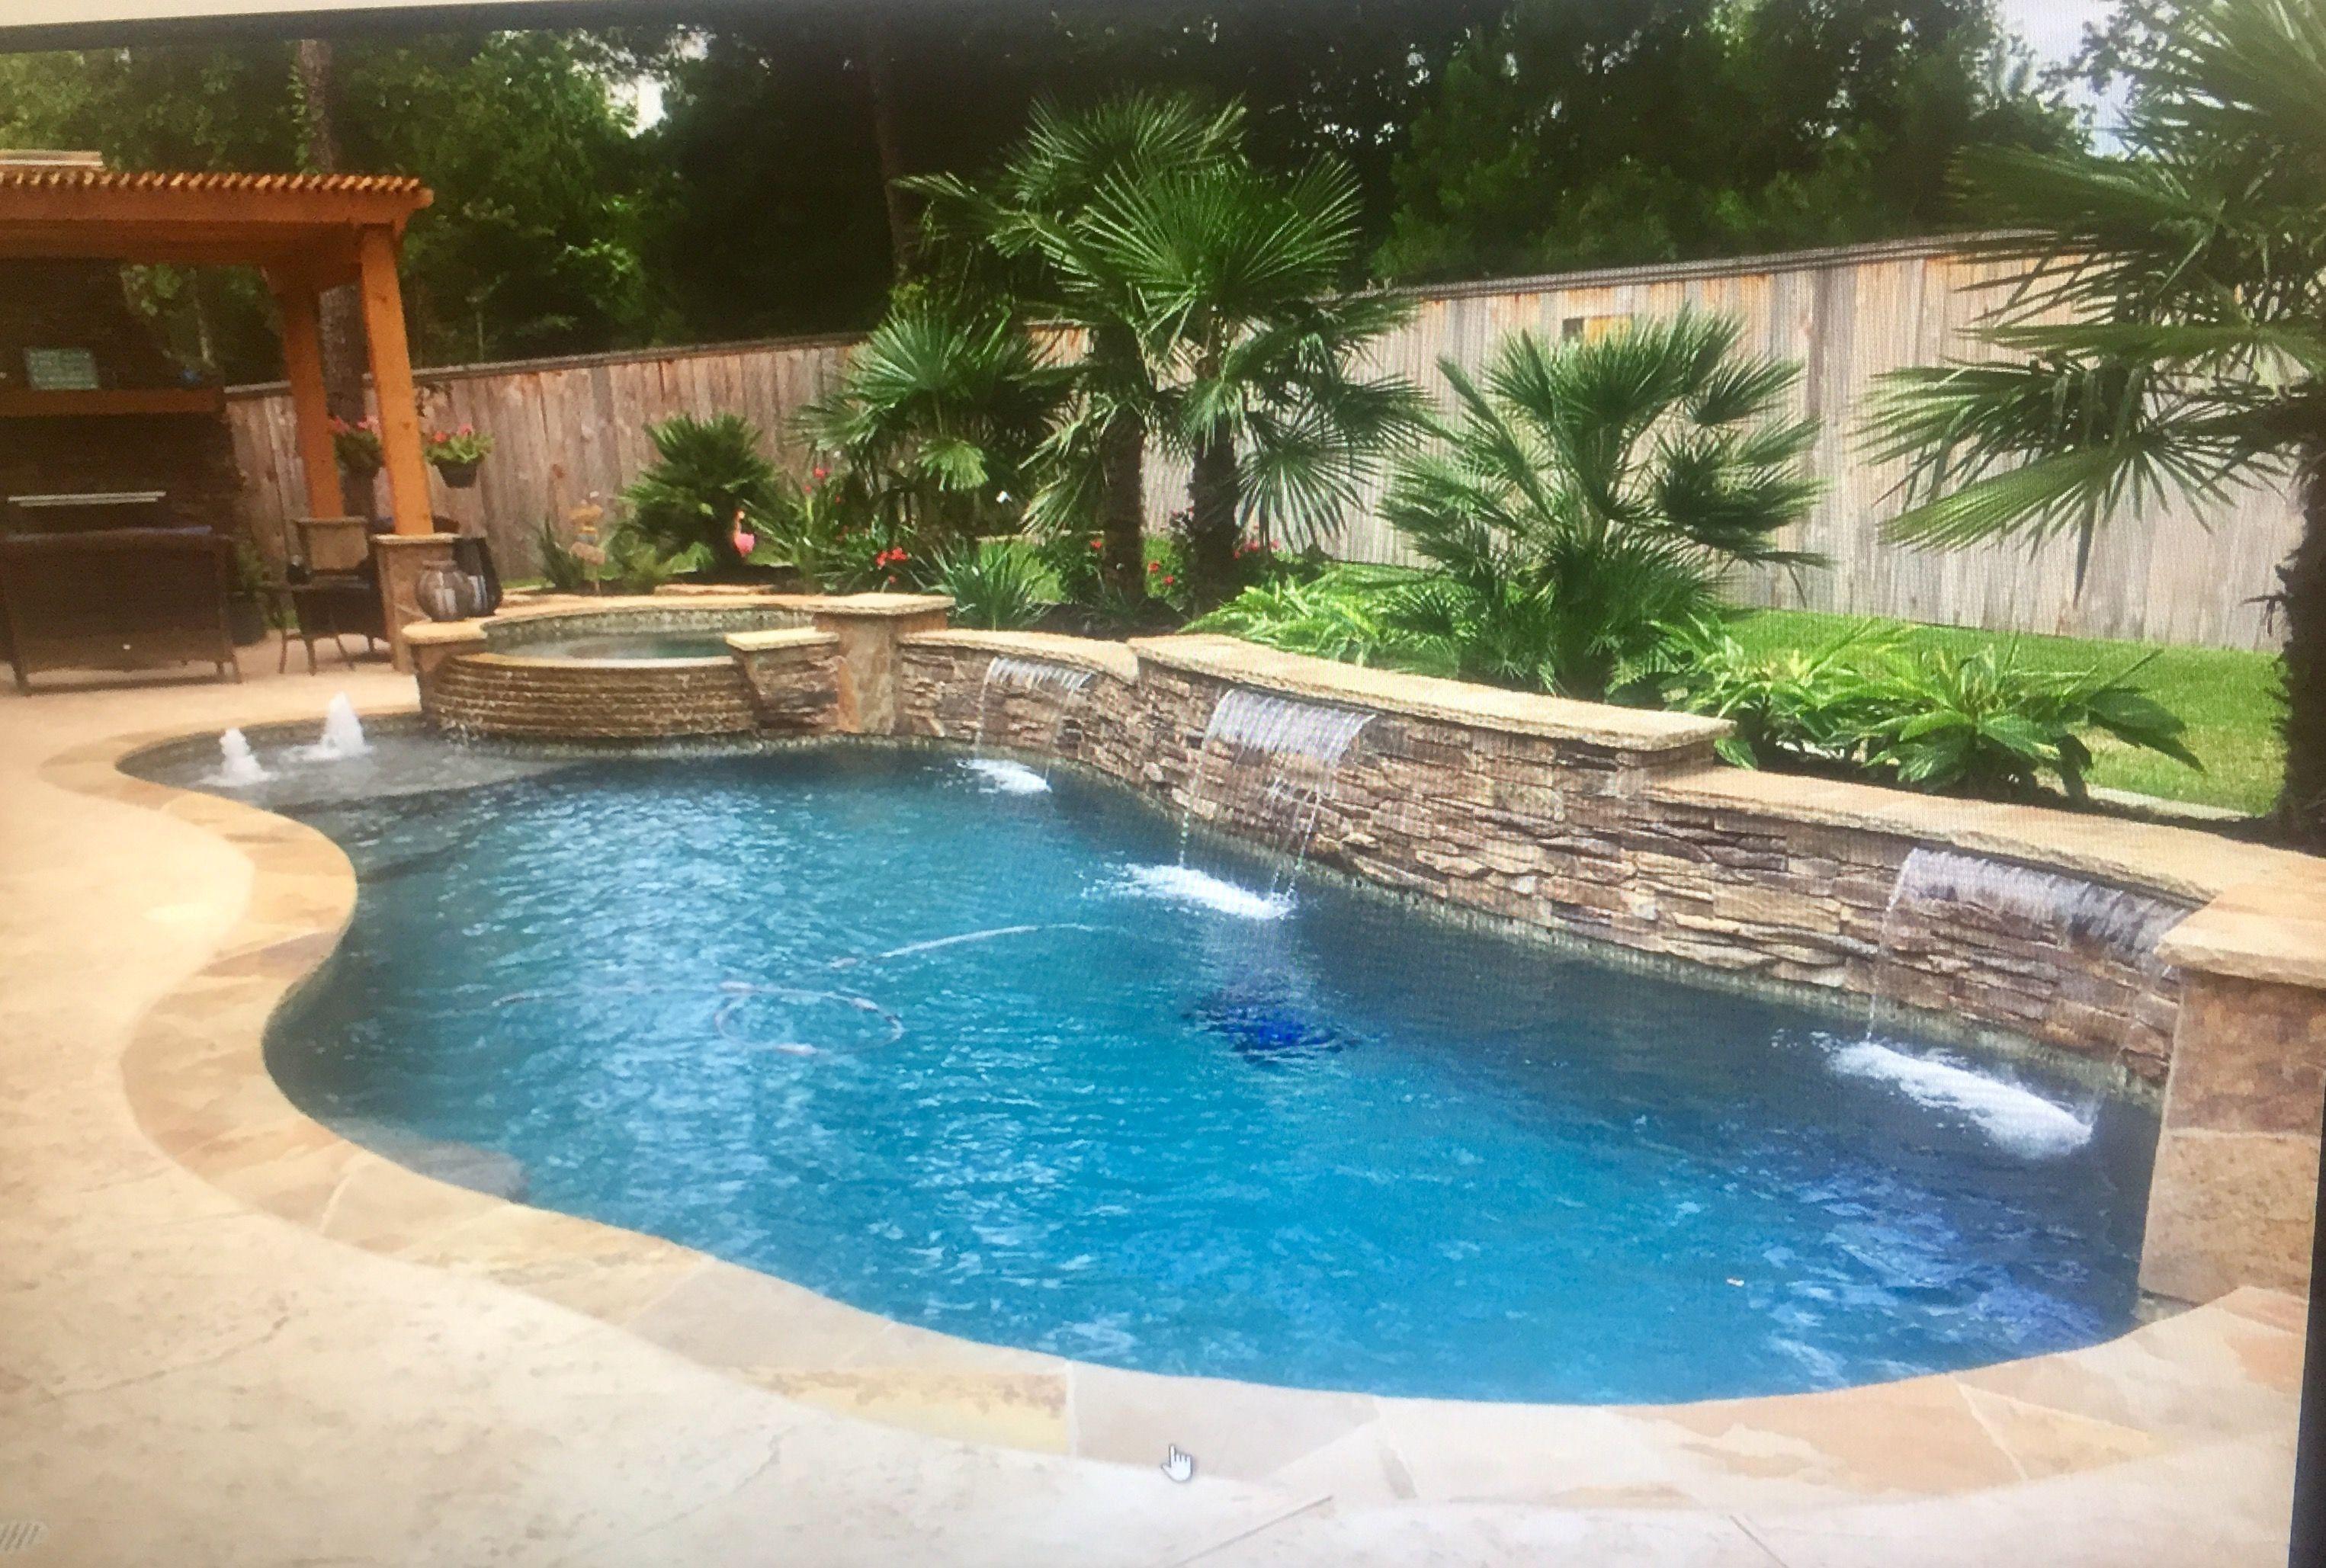 Average Cost Of An Inground Swimming Pool Pools Backyard Inground Backyard Pool Landscaping Backyard Pool Designs